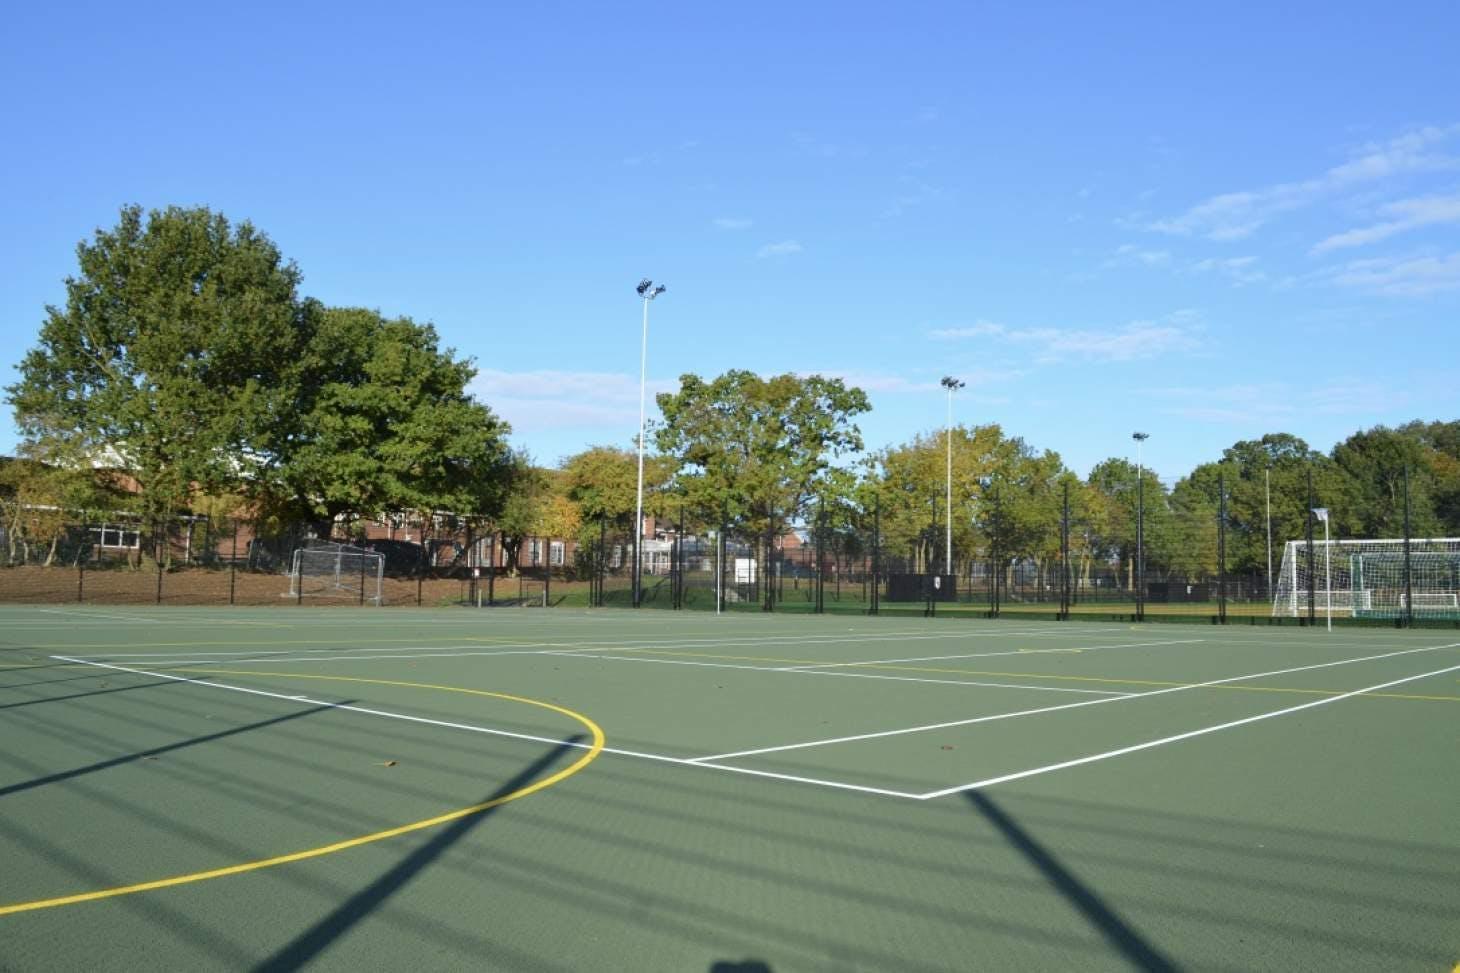 Beaumont School Outdoor   Hard (macadam) tennis court